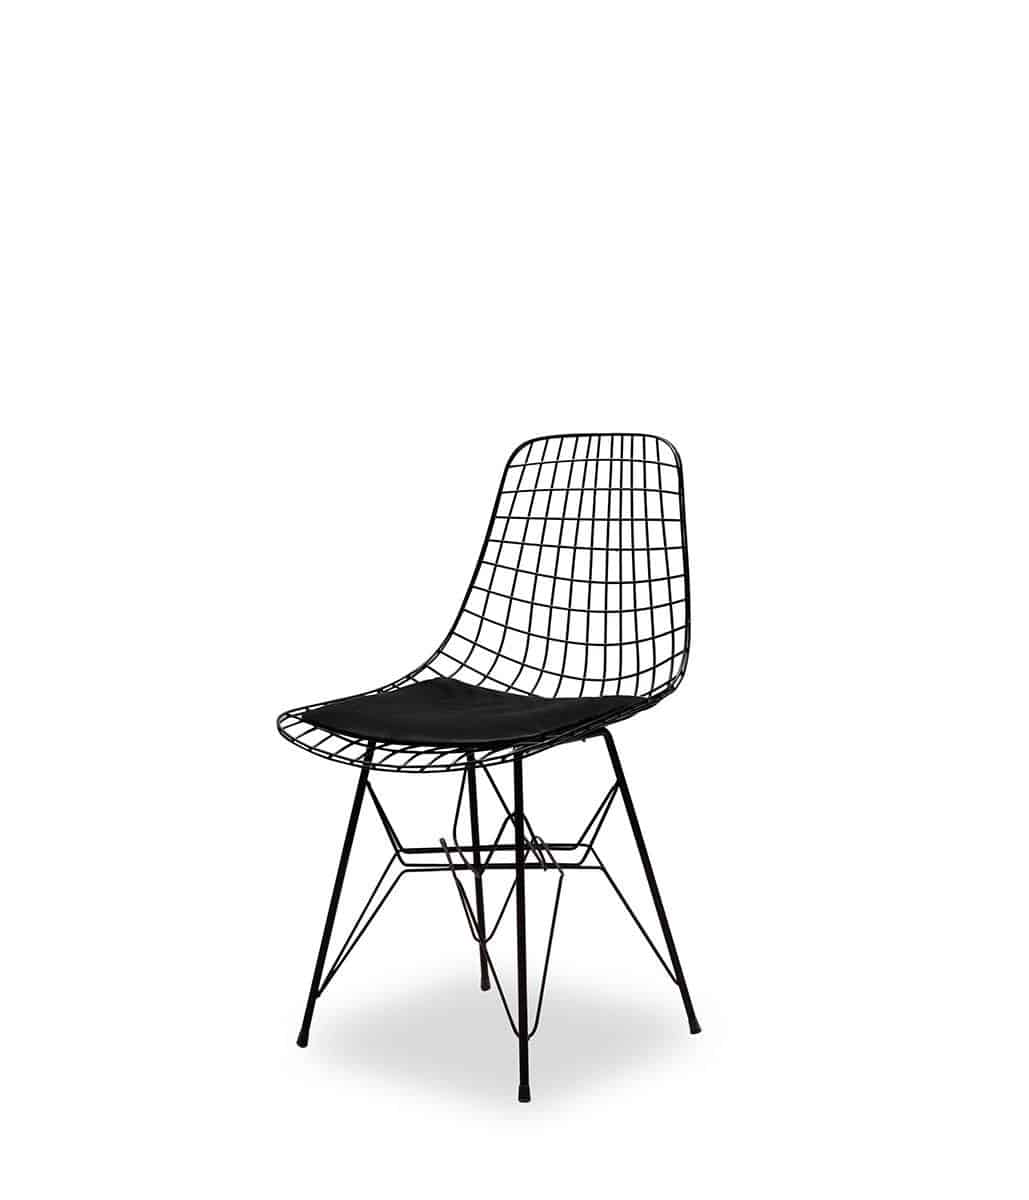 urun-iris-sandalye-01